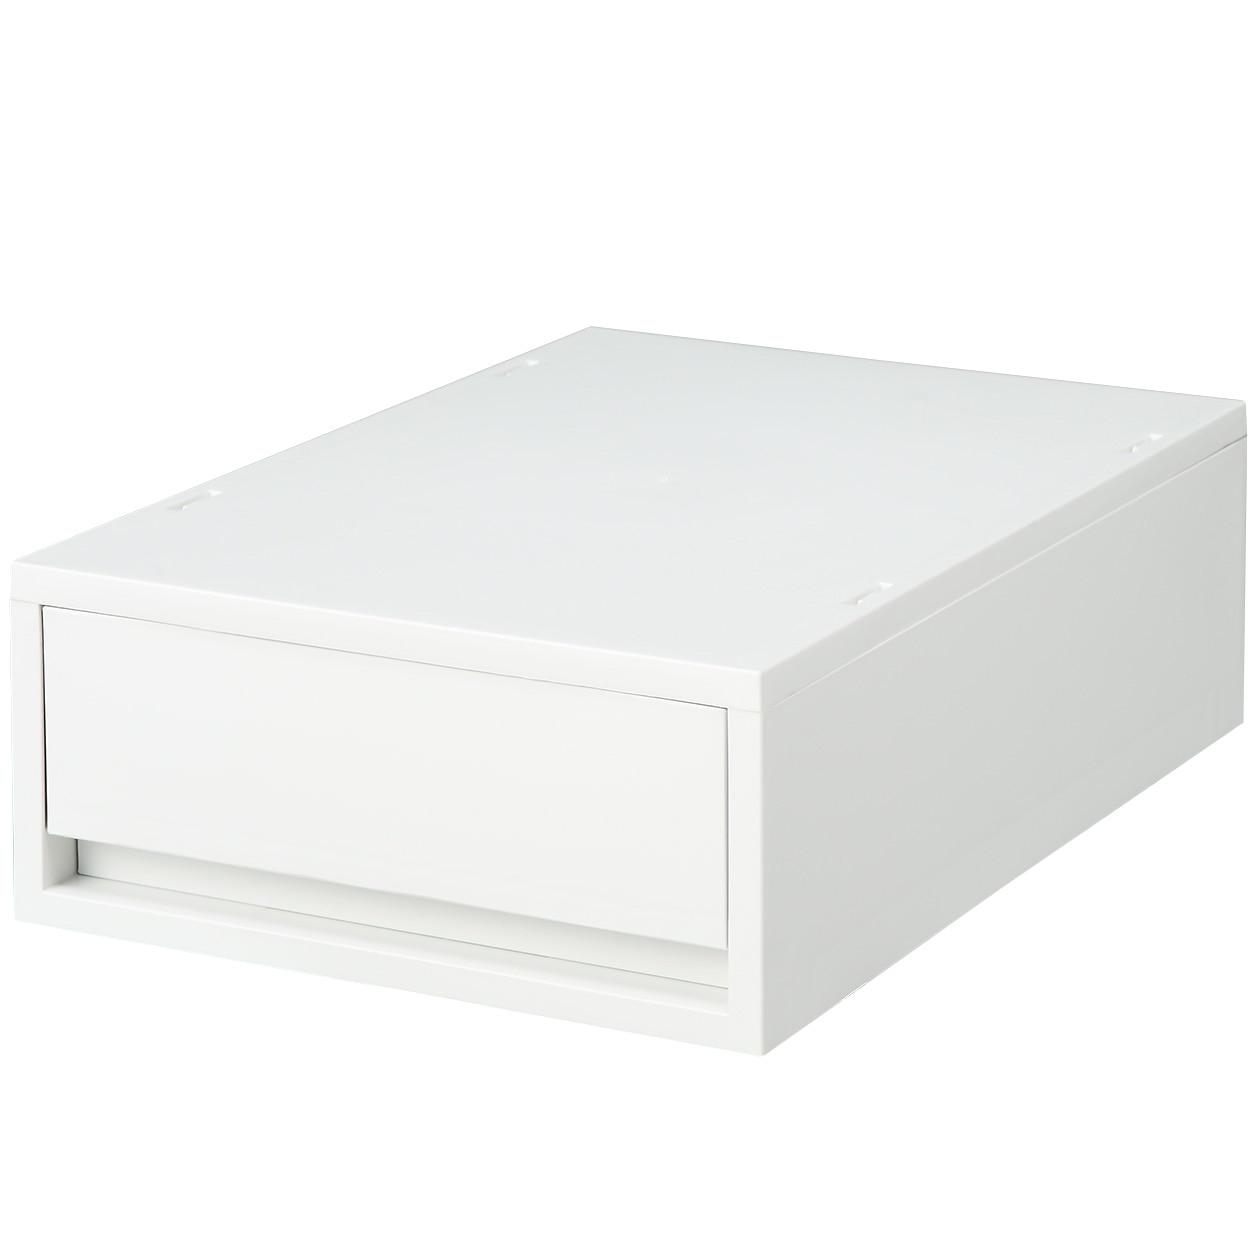 ポリプロピレンケース・引出式・浅型・ホワイトグレー ホワイトグレー